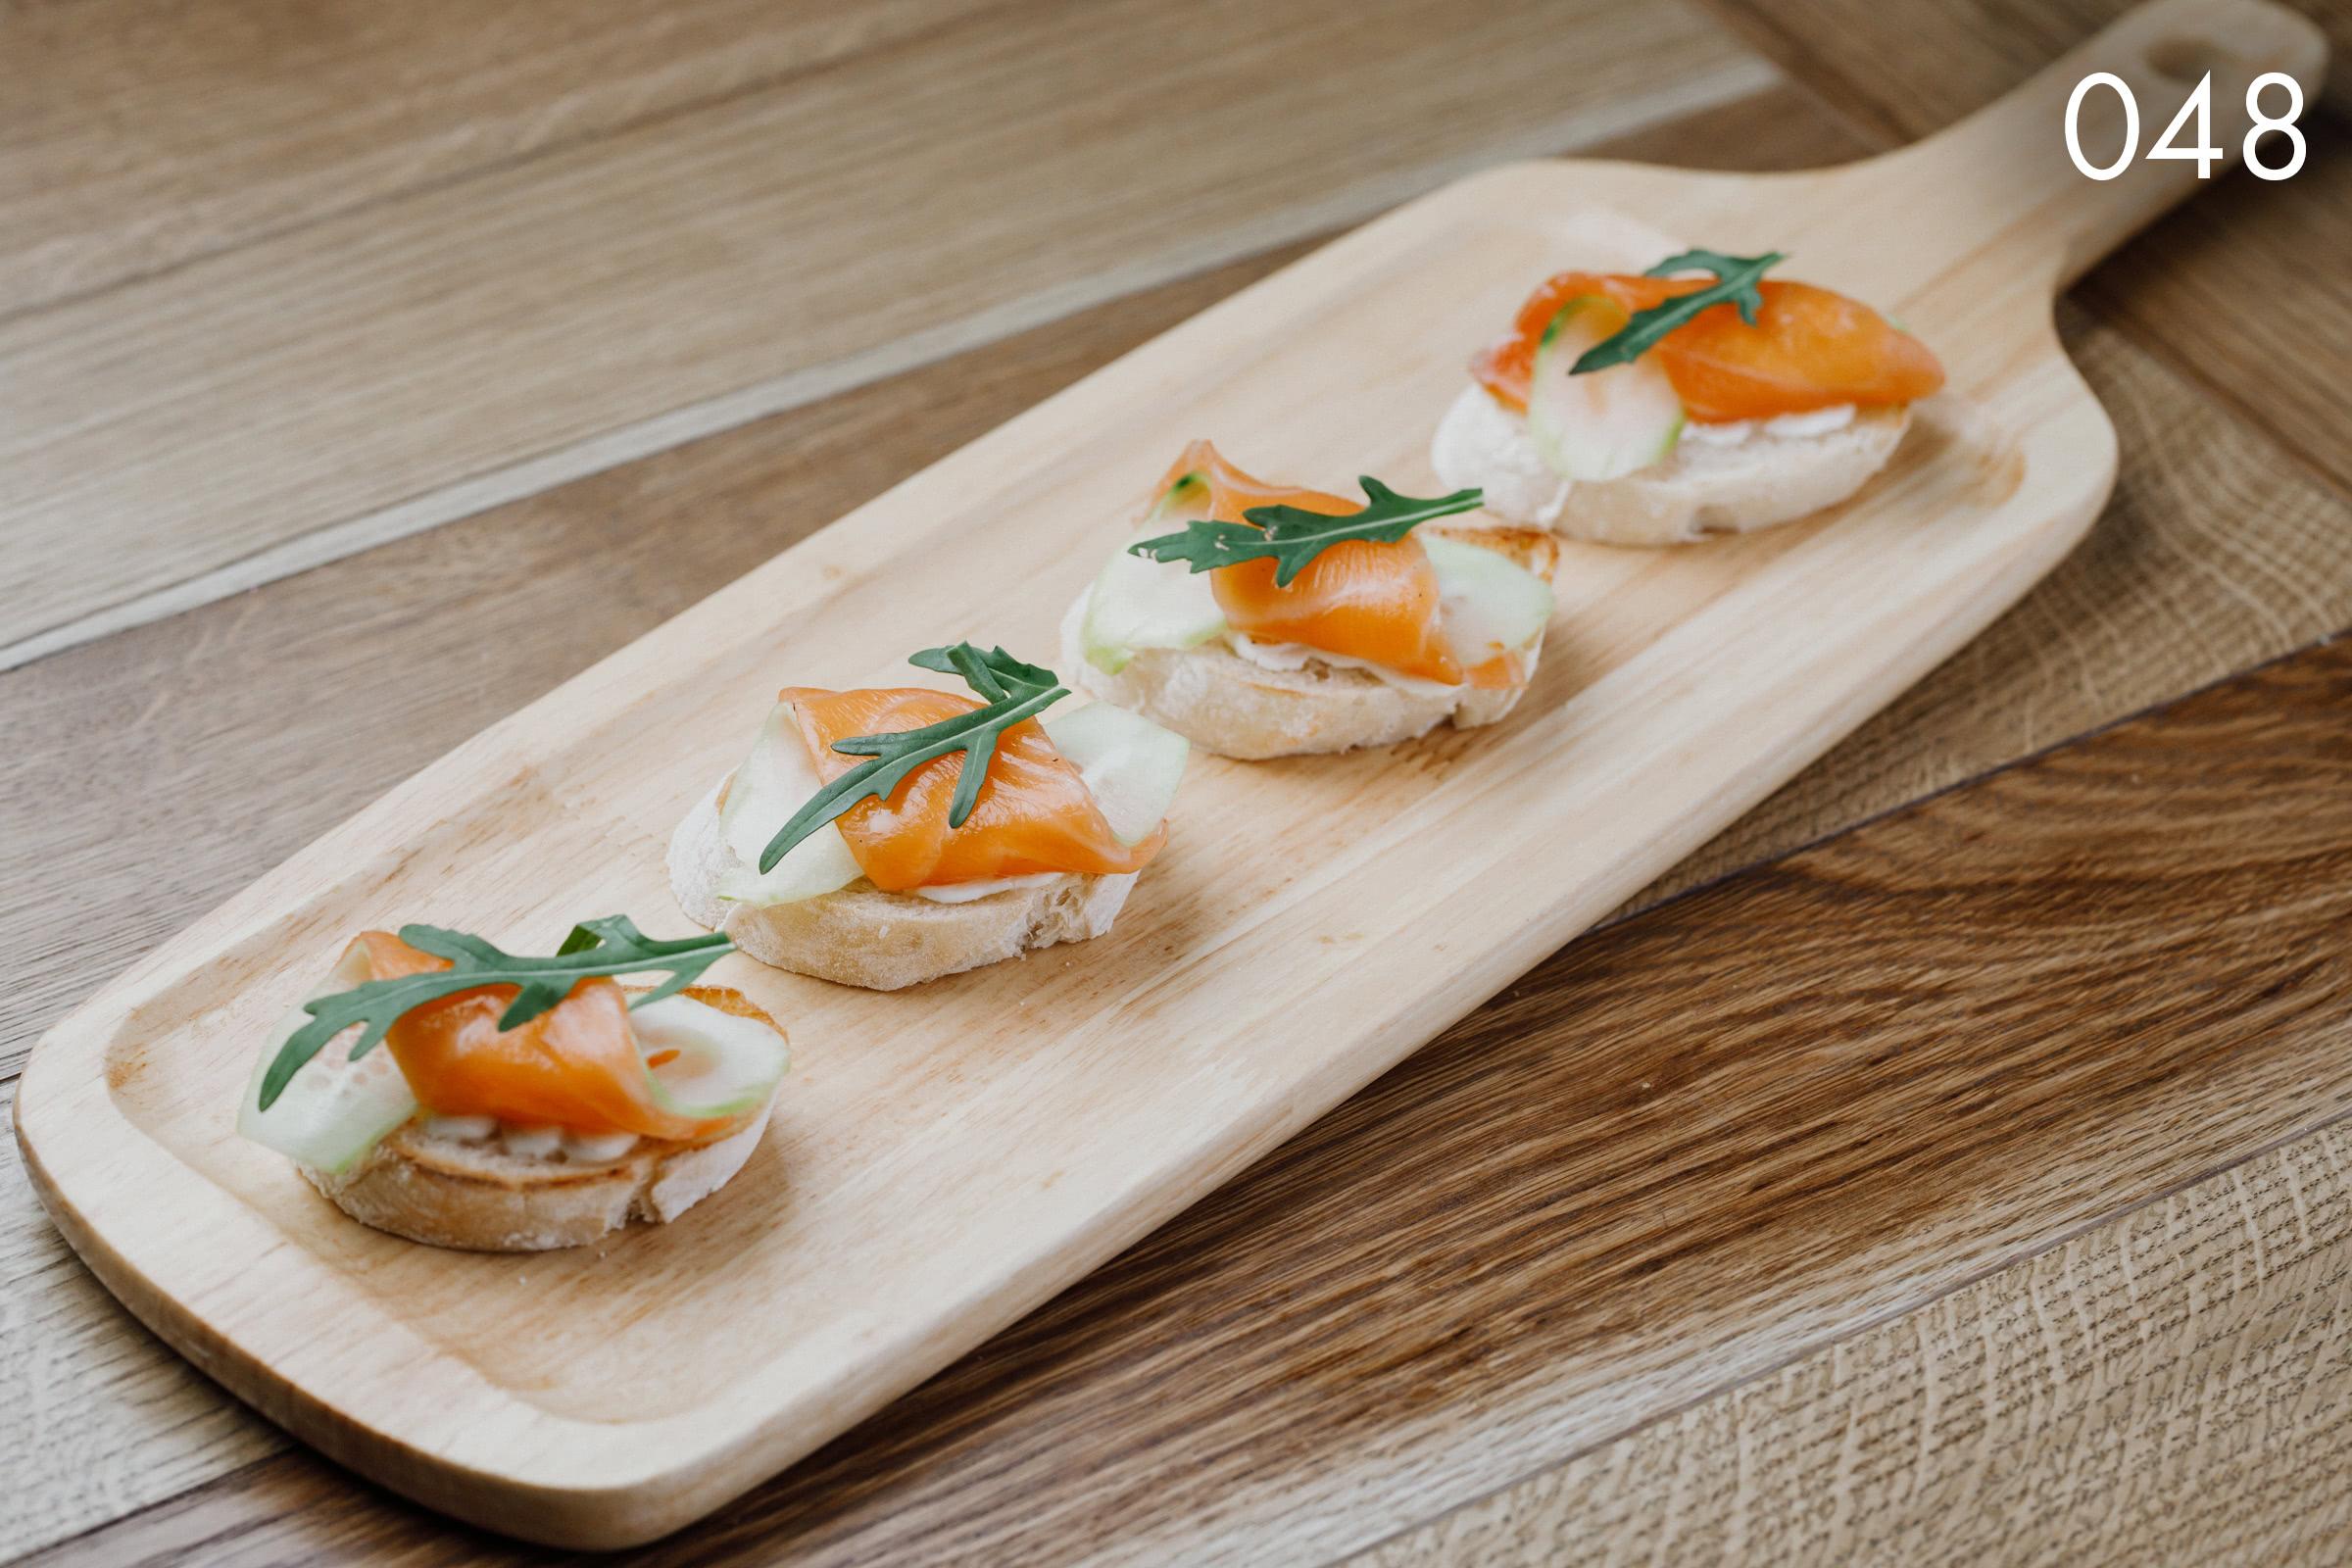 брускетты со слабосоленым лососем в ресторане Веранда